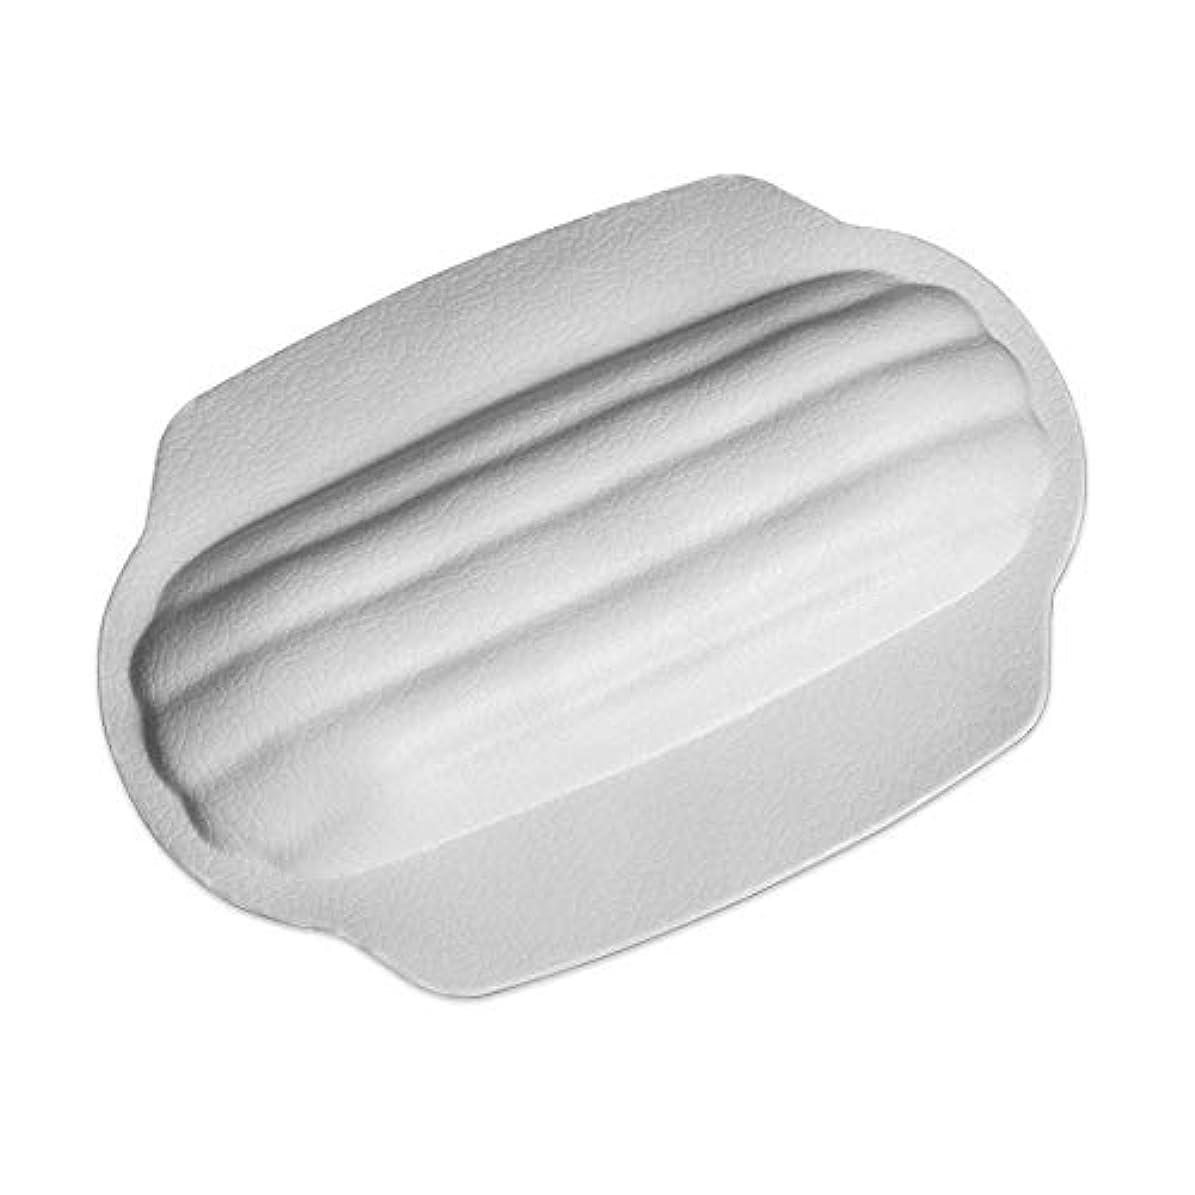 確立します霊恥ずかしさサクションカップ付き防水滑り止めスパ枕厚めユニバーサルバスタブ枕バスタブと抗菌性